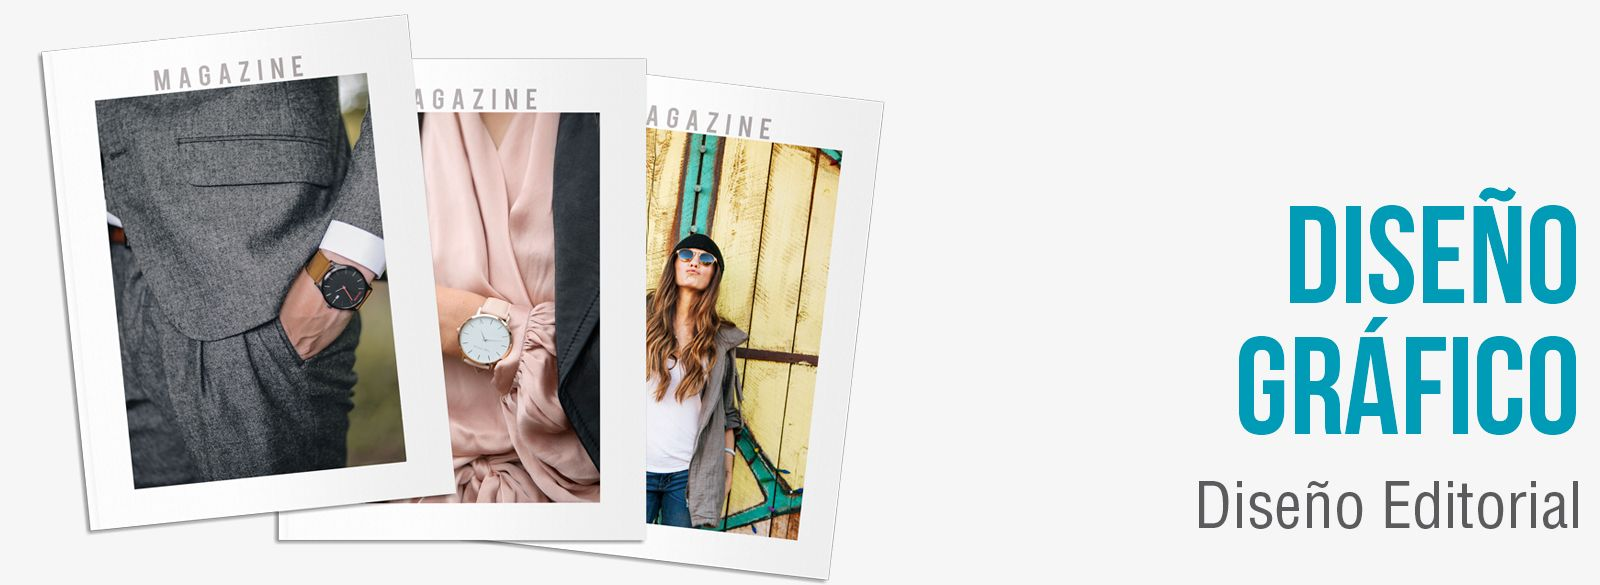 Diseño gráfico editorial. Empresa de diseño editorial